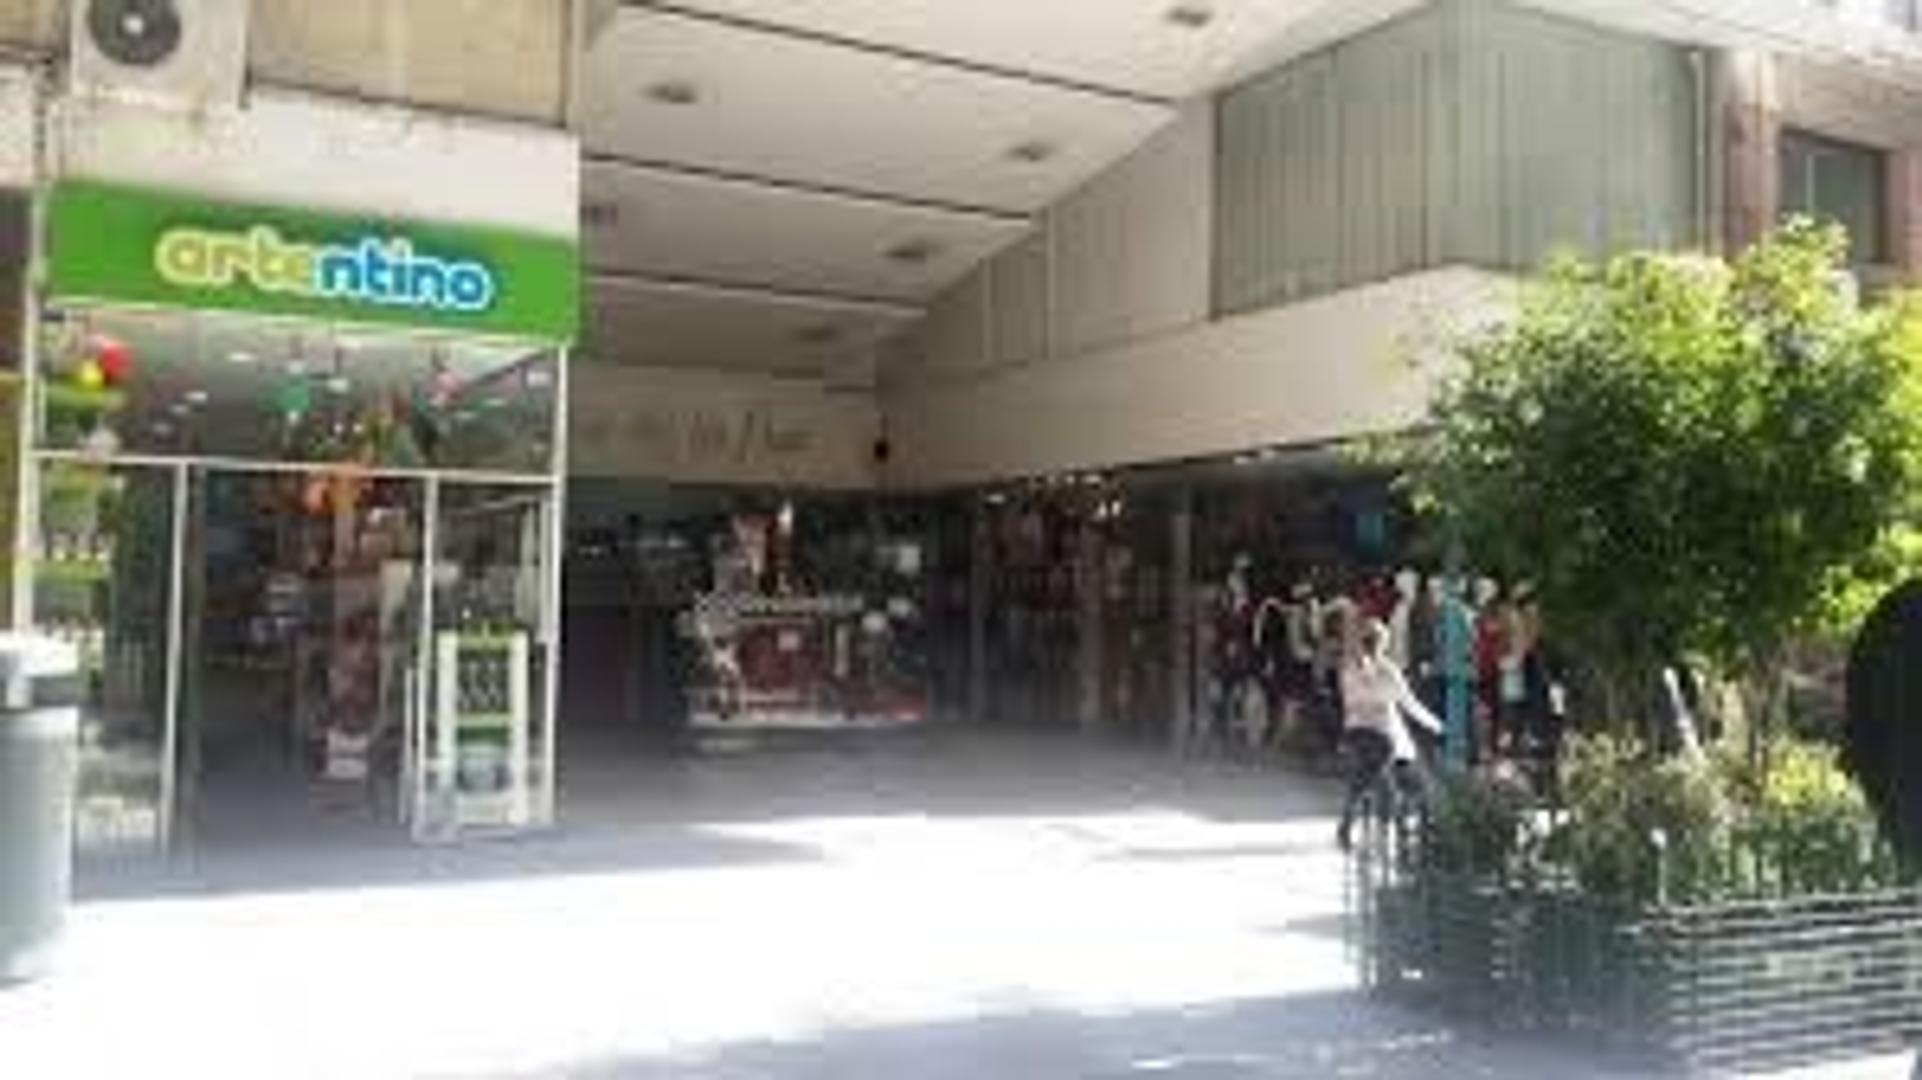 Muy Buen Local en la Galeria Mas Linda!! Sotano Pos Entrep Florida y Viamonte